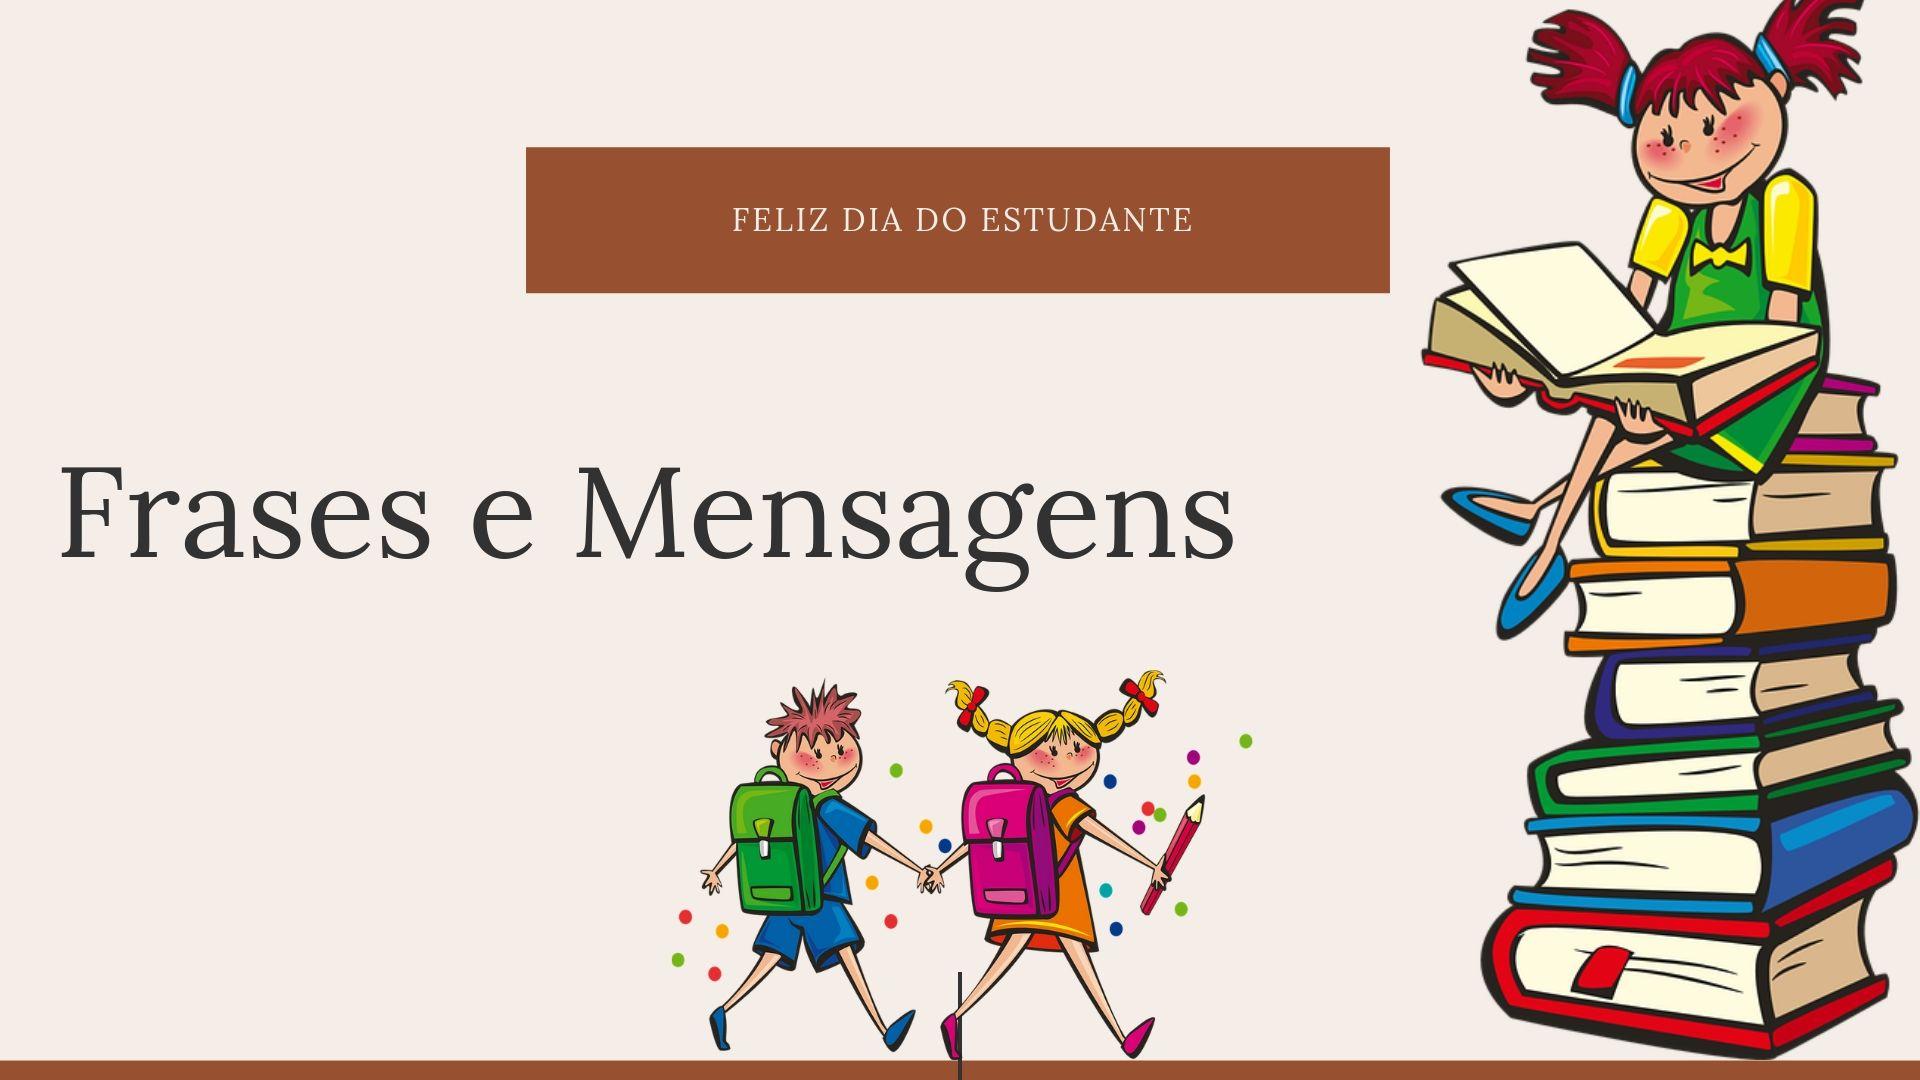 Frases Dia Do Estudante Mensagens E Textos Para Homenagem